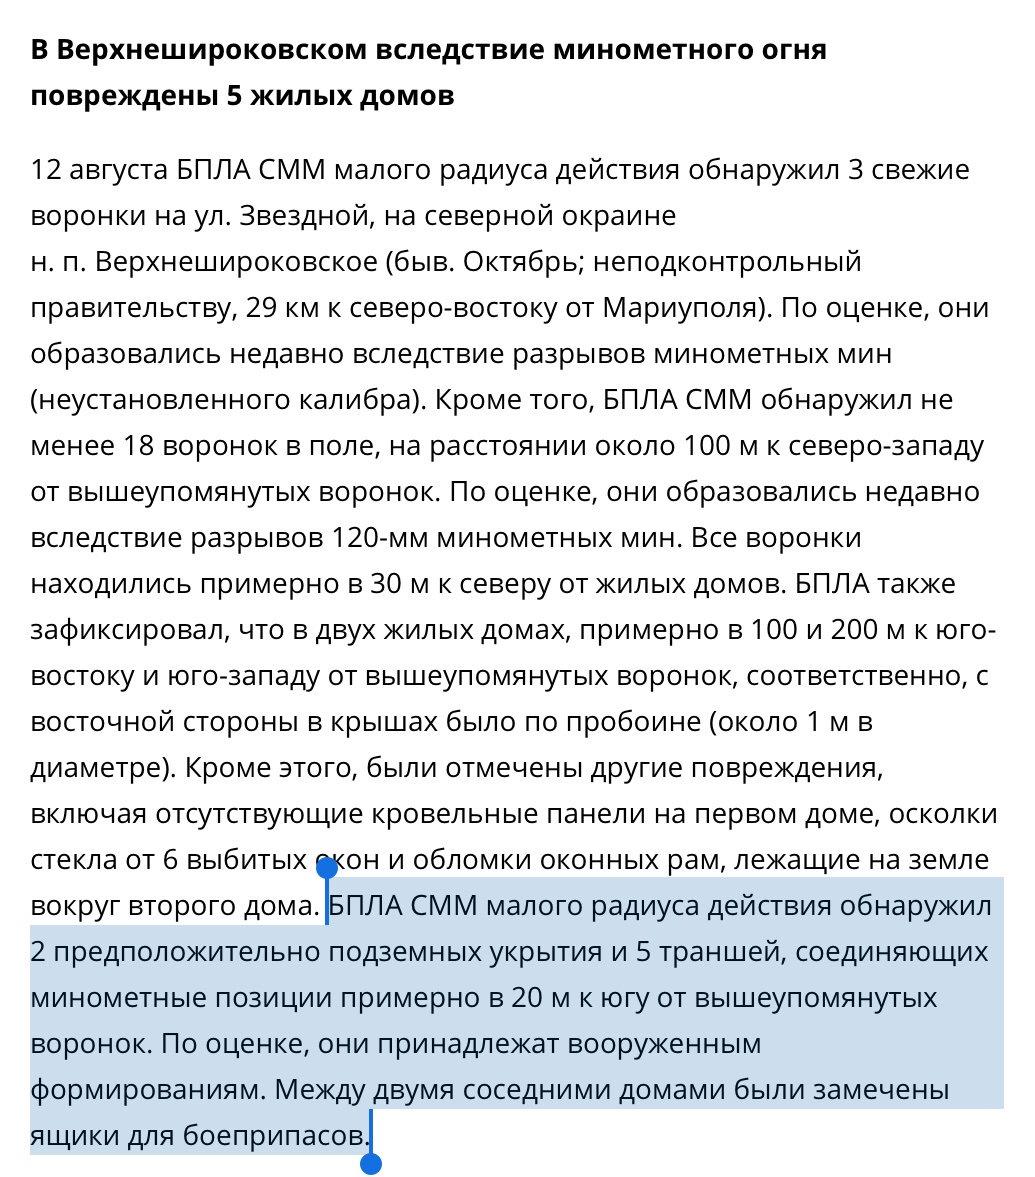 ОБСЕ зафиксировала 87 взрывов в Донецкой и два взрыва в Луганской областях - Цензор.НЕТ 2995